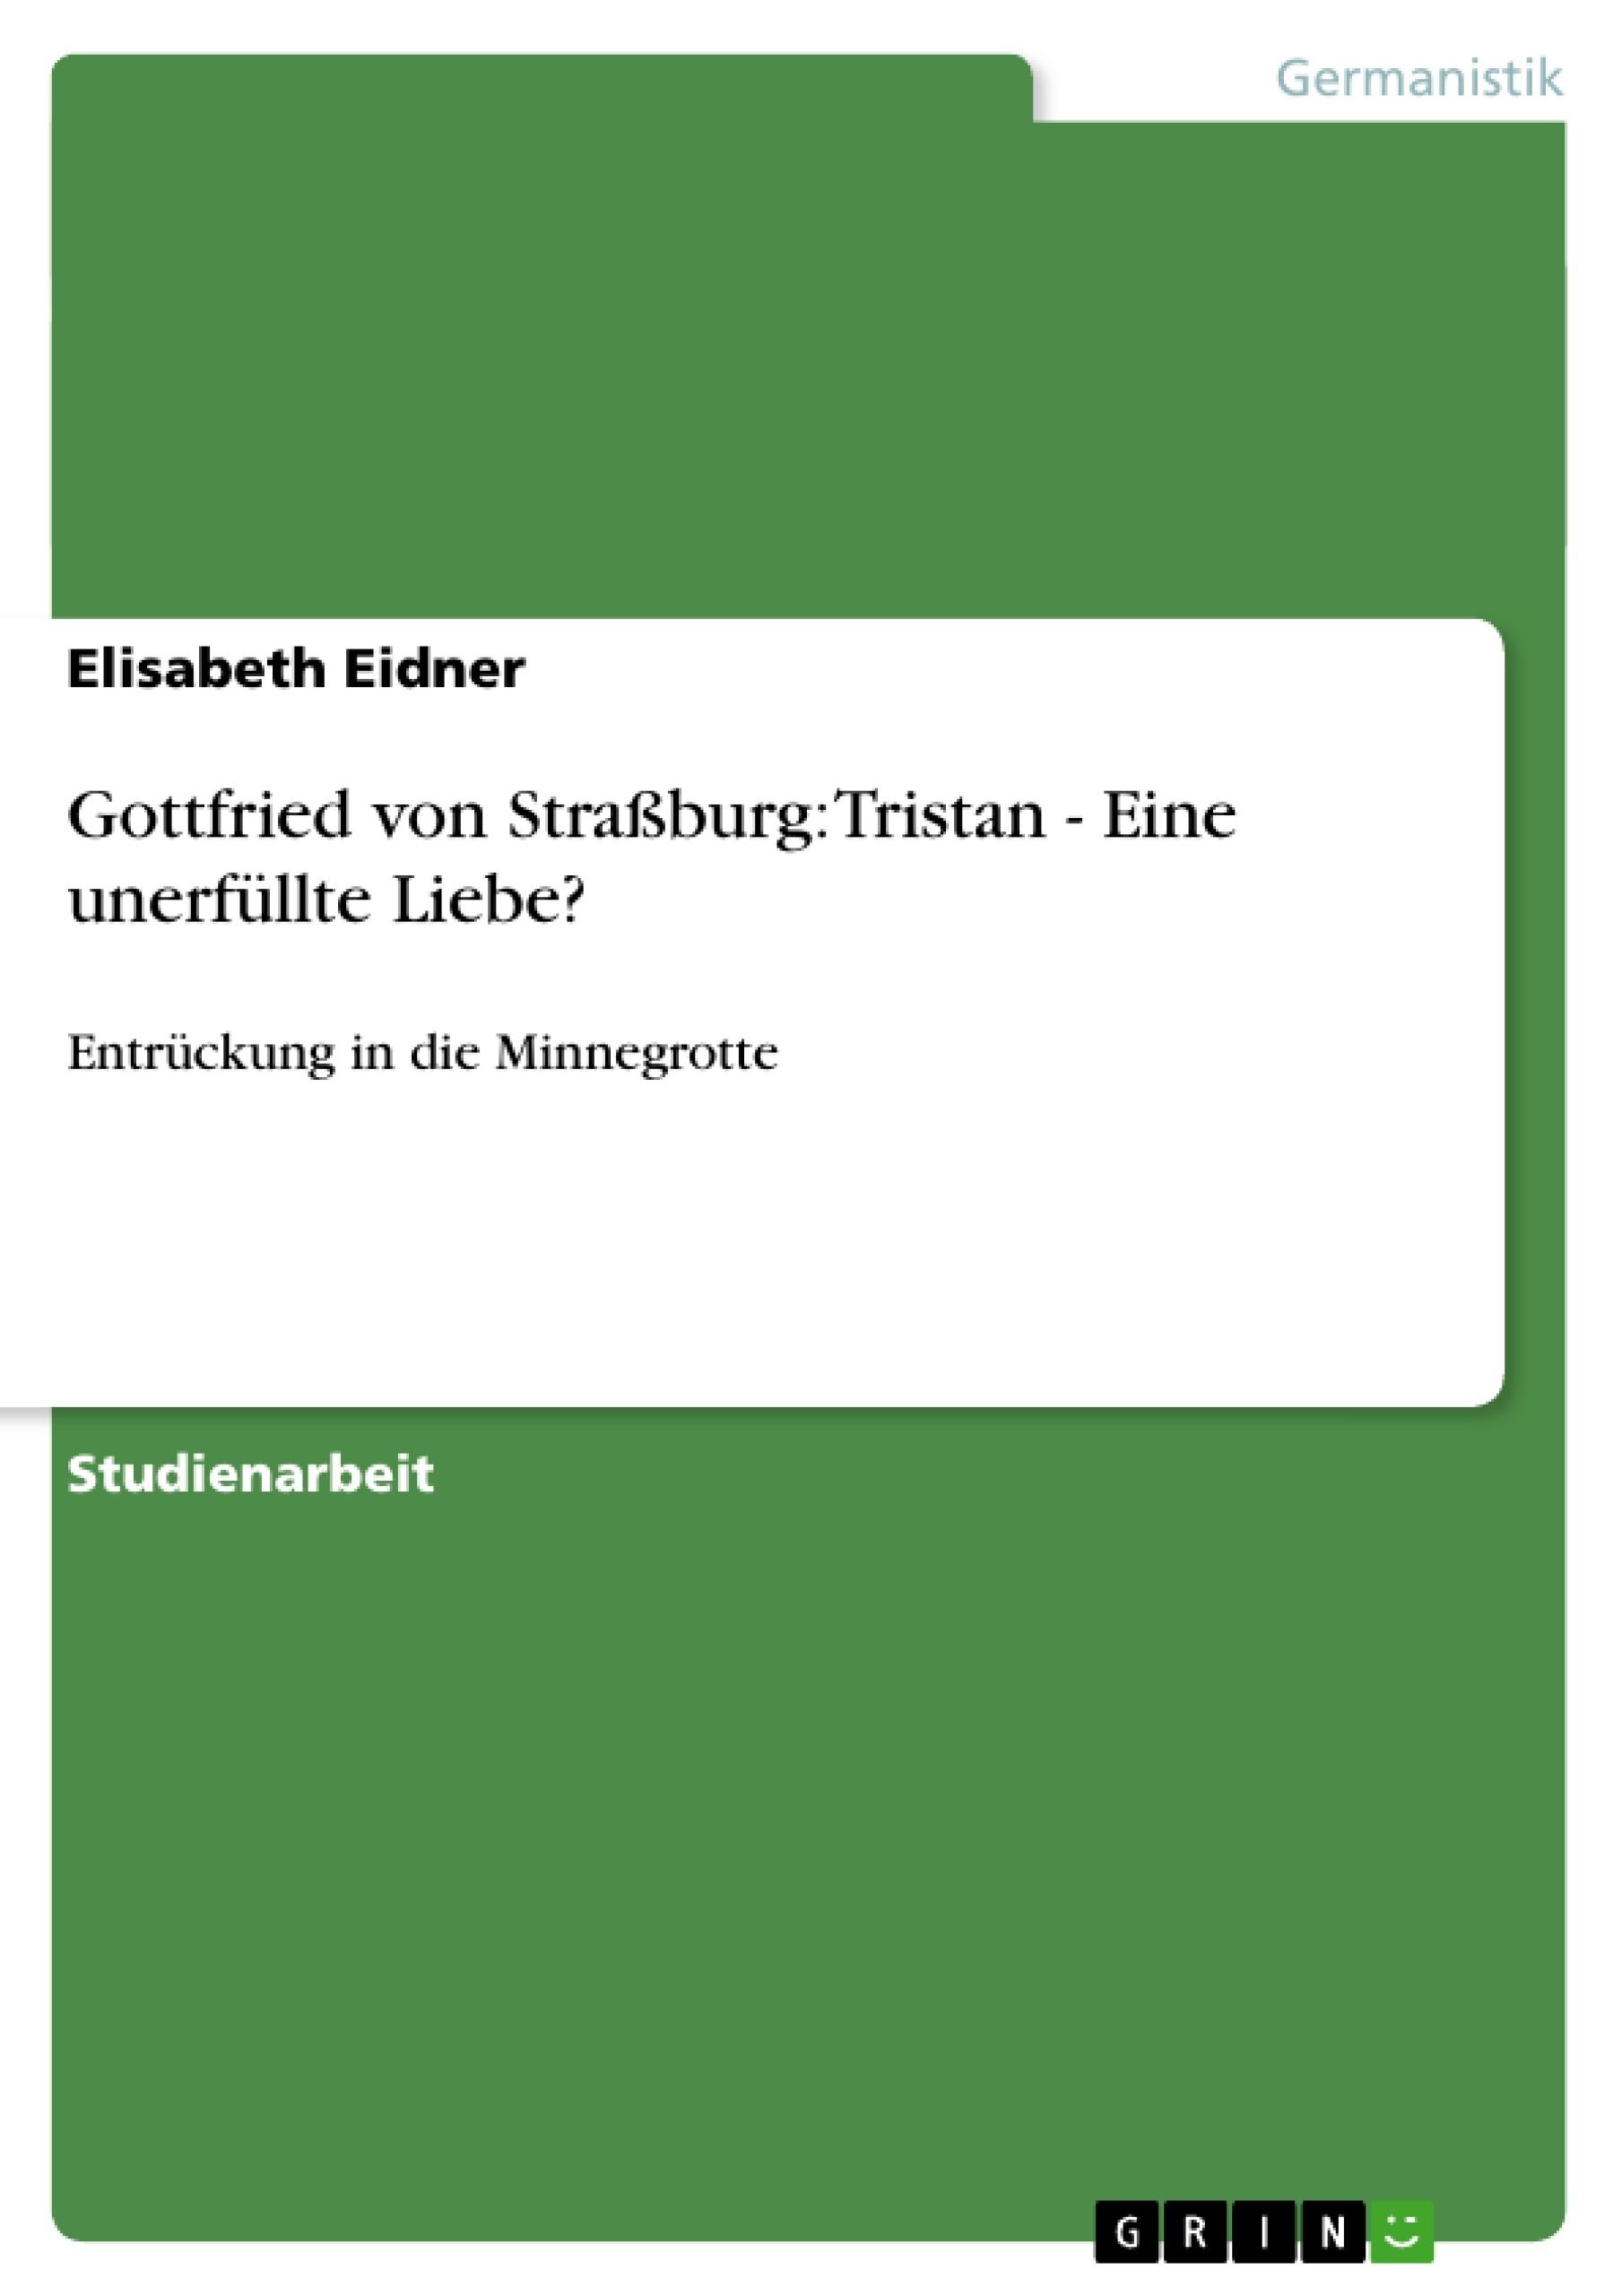 Titel: Gottfried von Straßburg: Tristan - Eine unerfüllte Liebe?